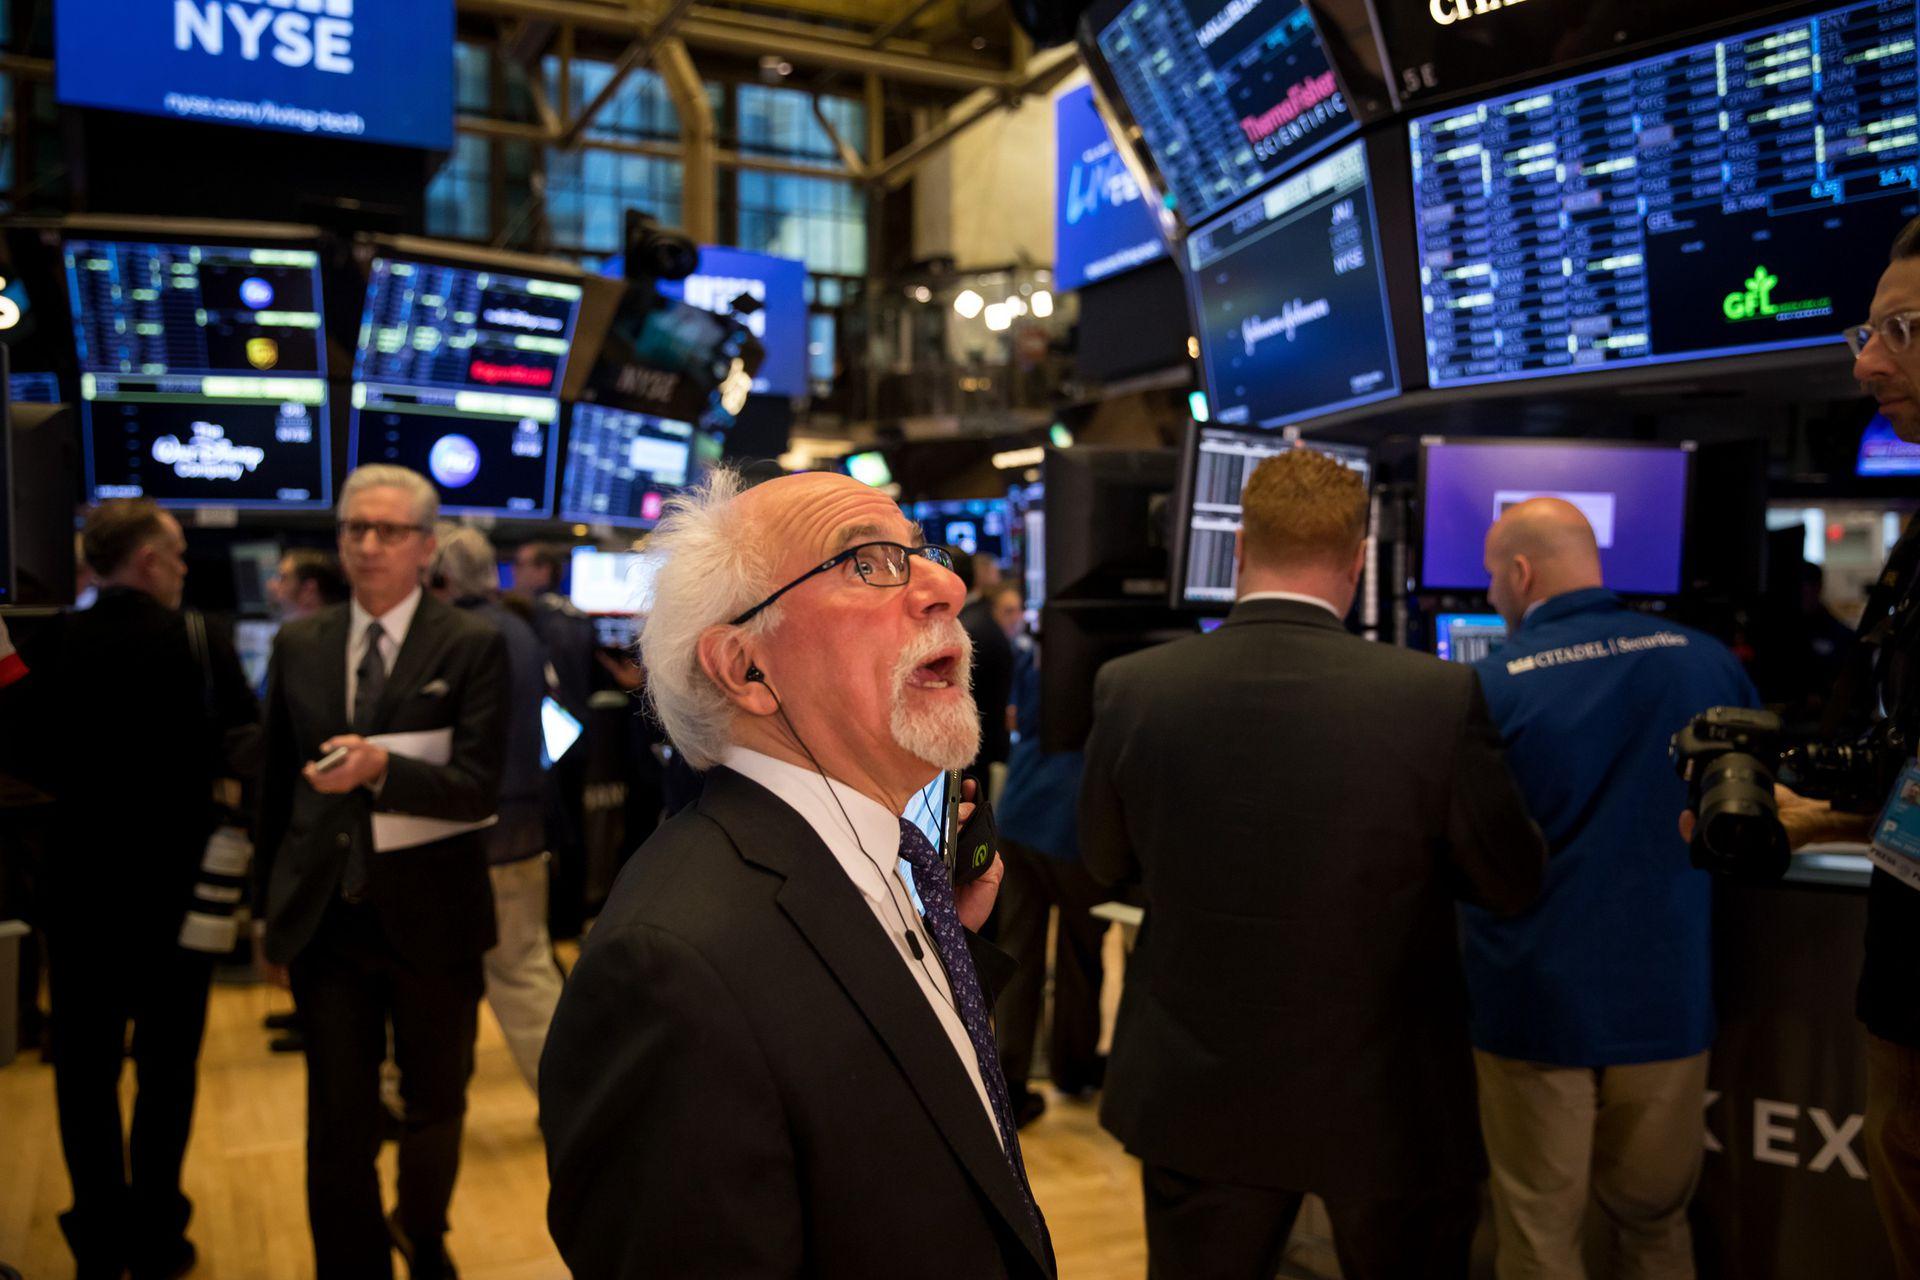 熱門中概股周五收盤漲跌不一 BOSS直聘IPO首日飆升逾95%